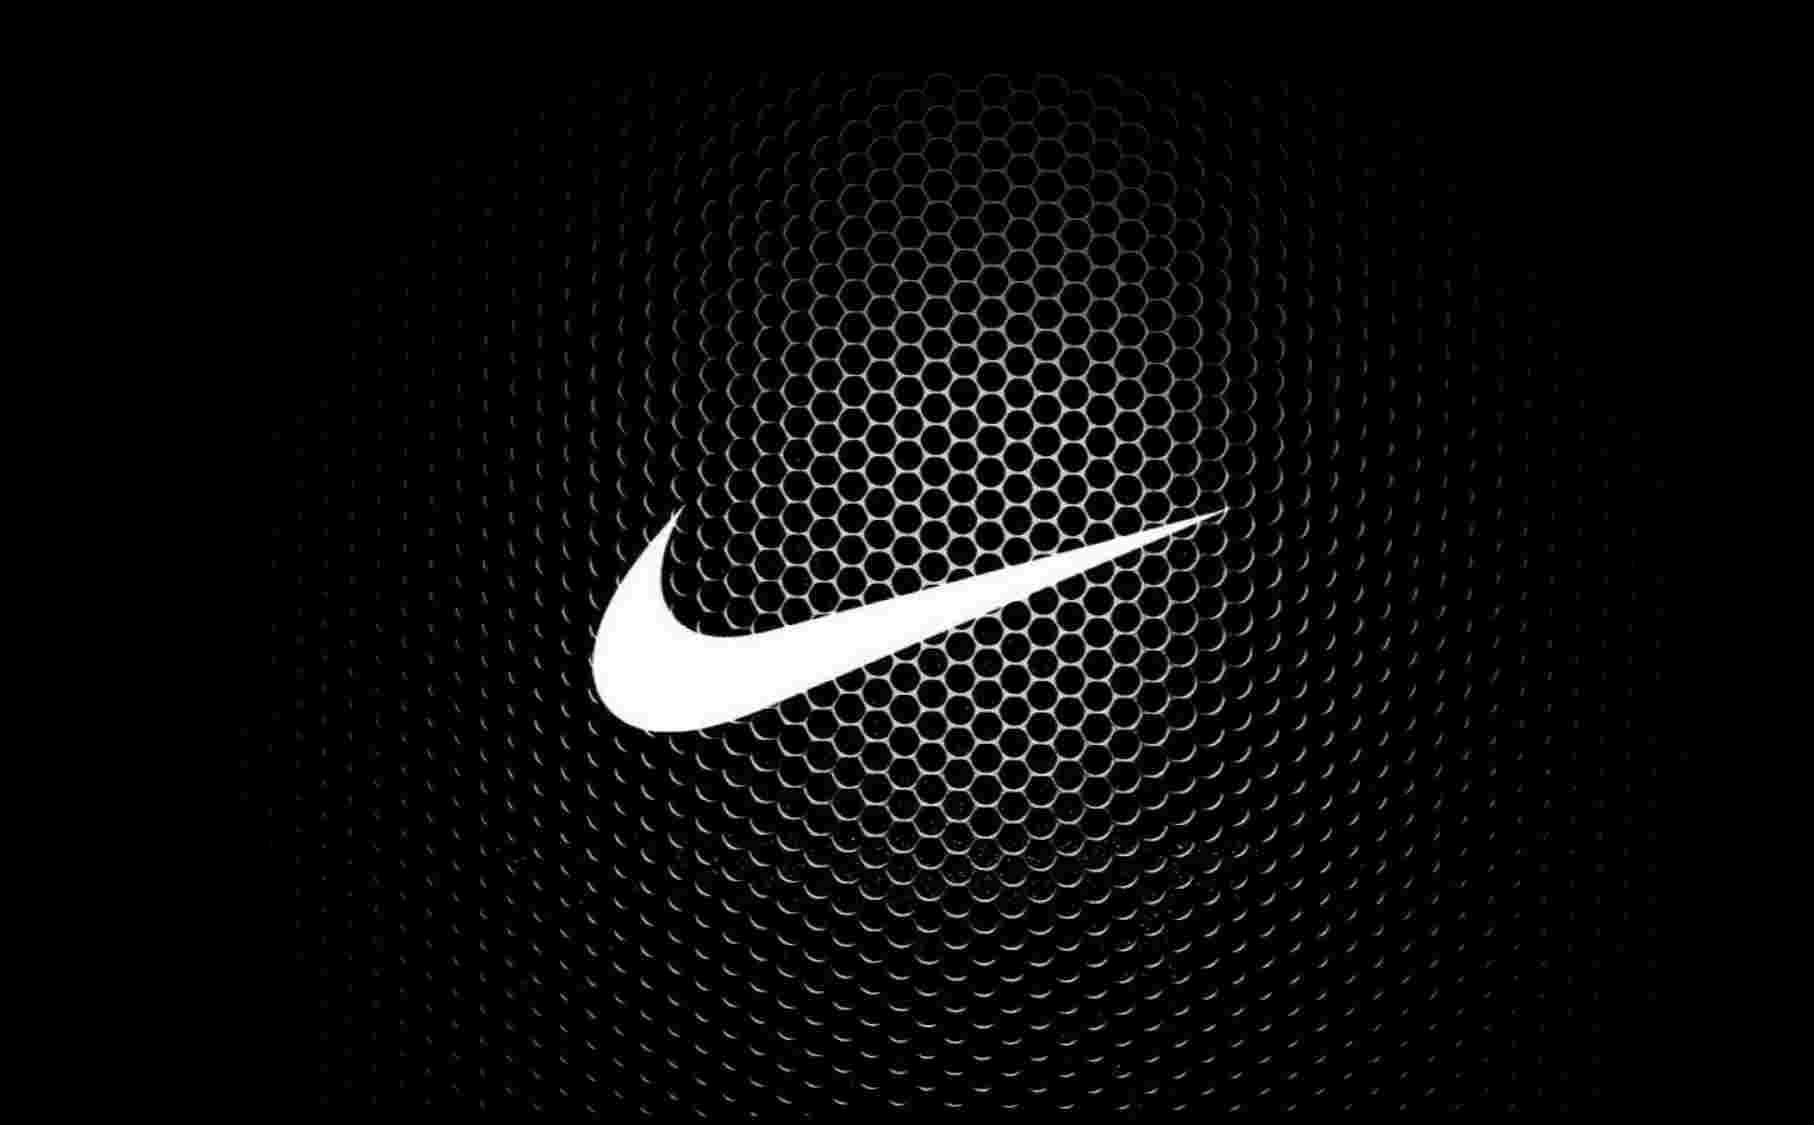 伟大的不仅是Nike,还有这200多个你不知道的Nike视频